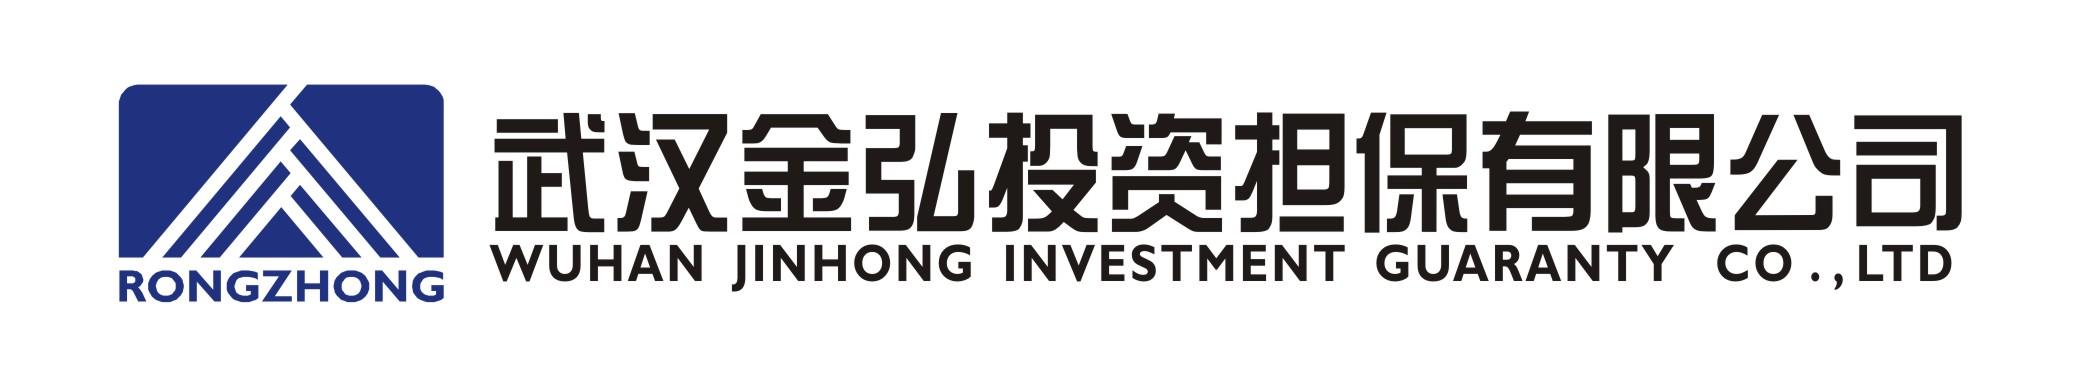 武汉金弘投资担保有限公司